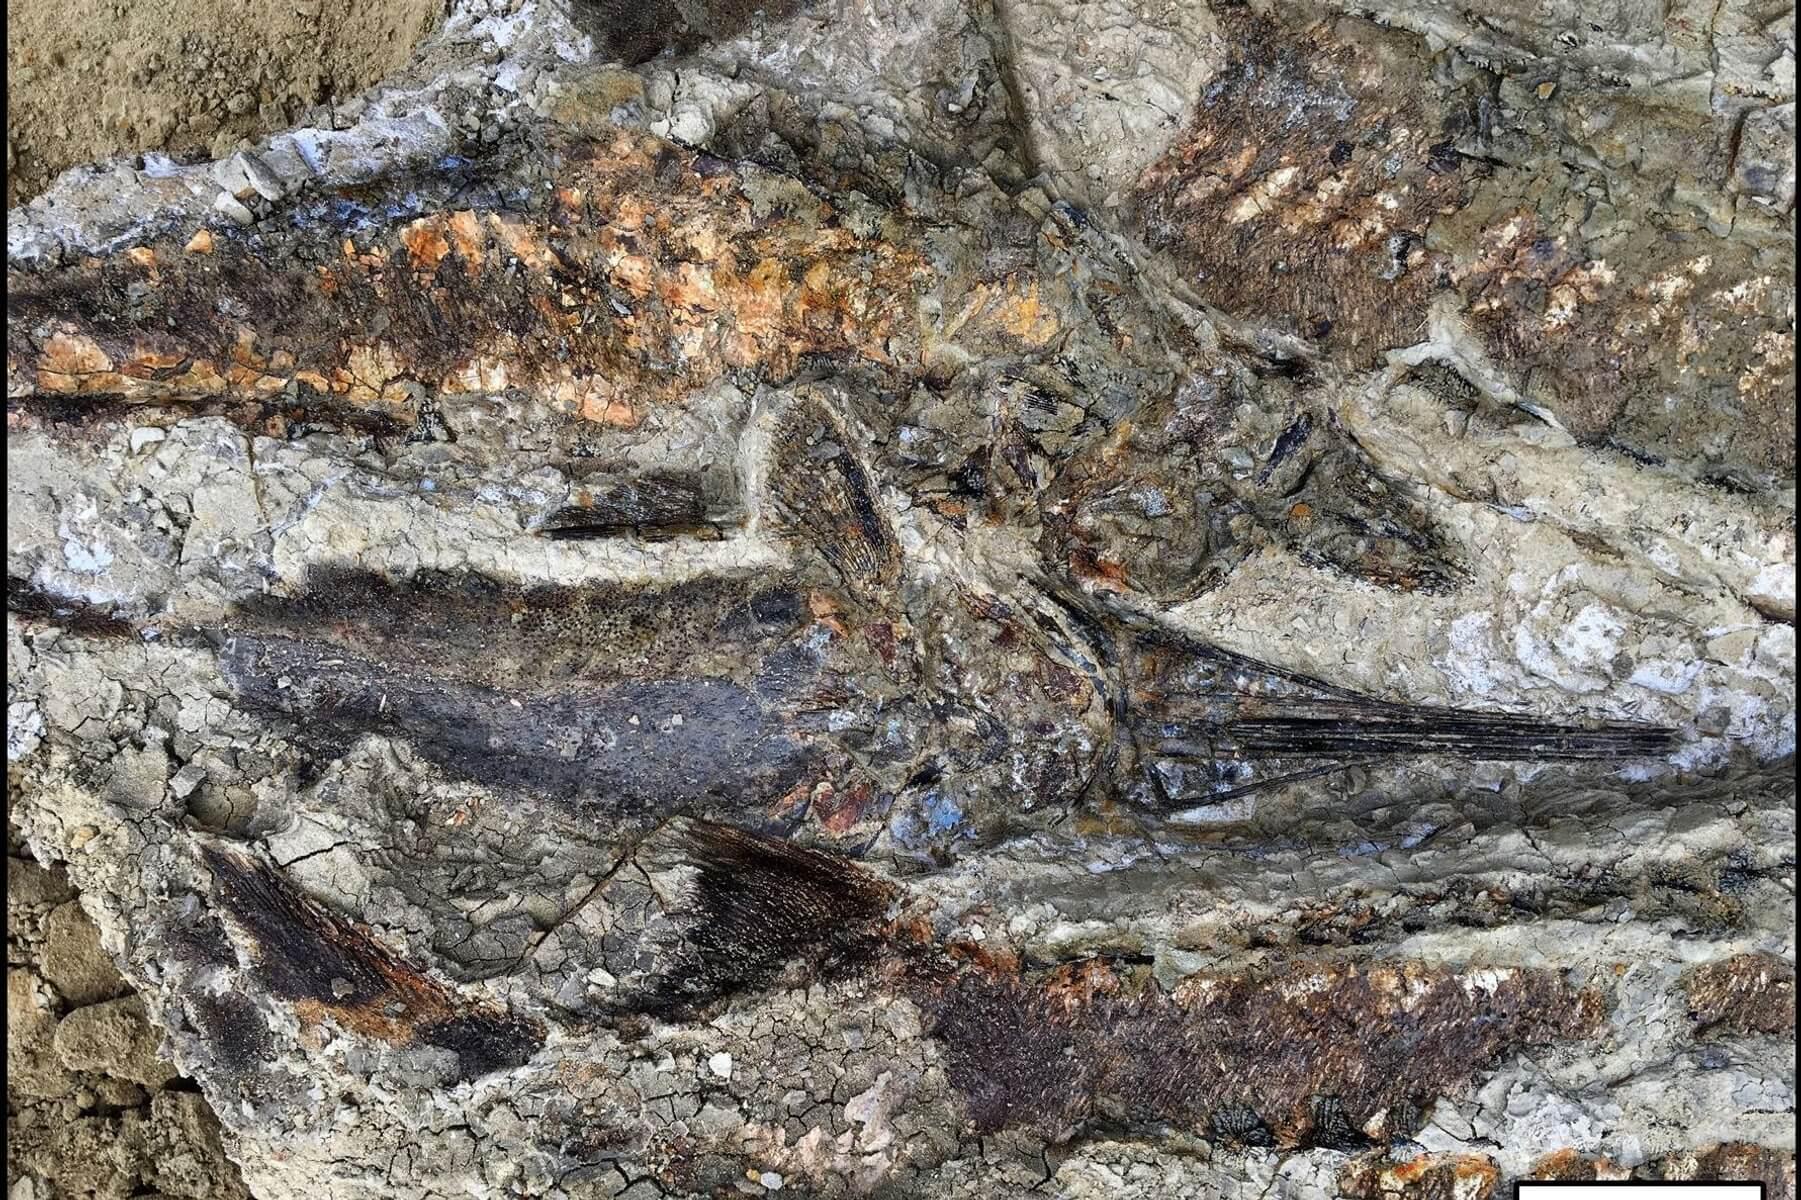 Εκπληκτική ανακάλυψη! Βρήκαν απολιθώματα από τη μέρα που αστεροειδής εξαφάνισε τους δεινοσαύρους από τη Γη!